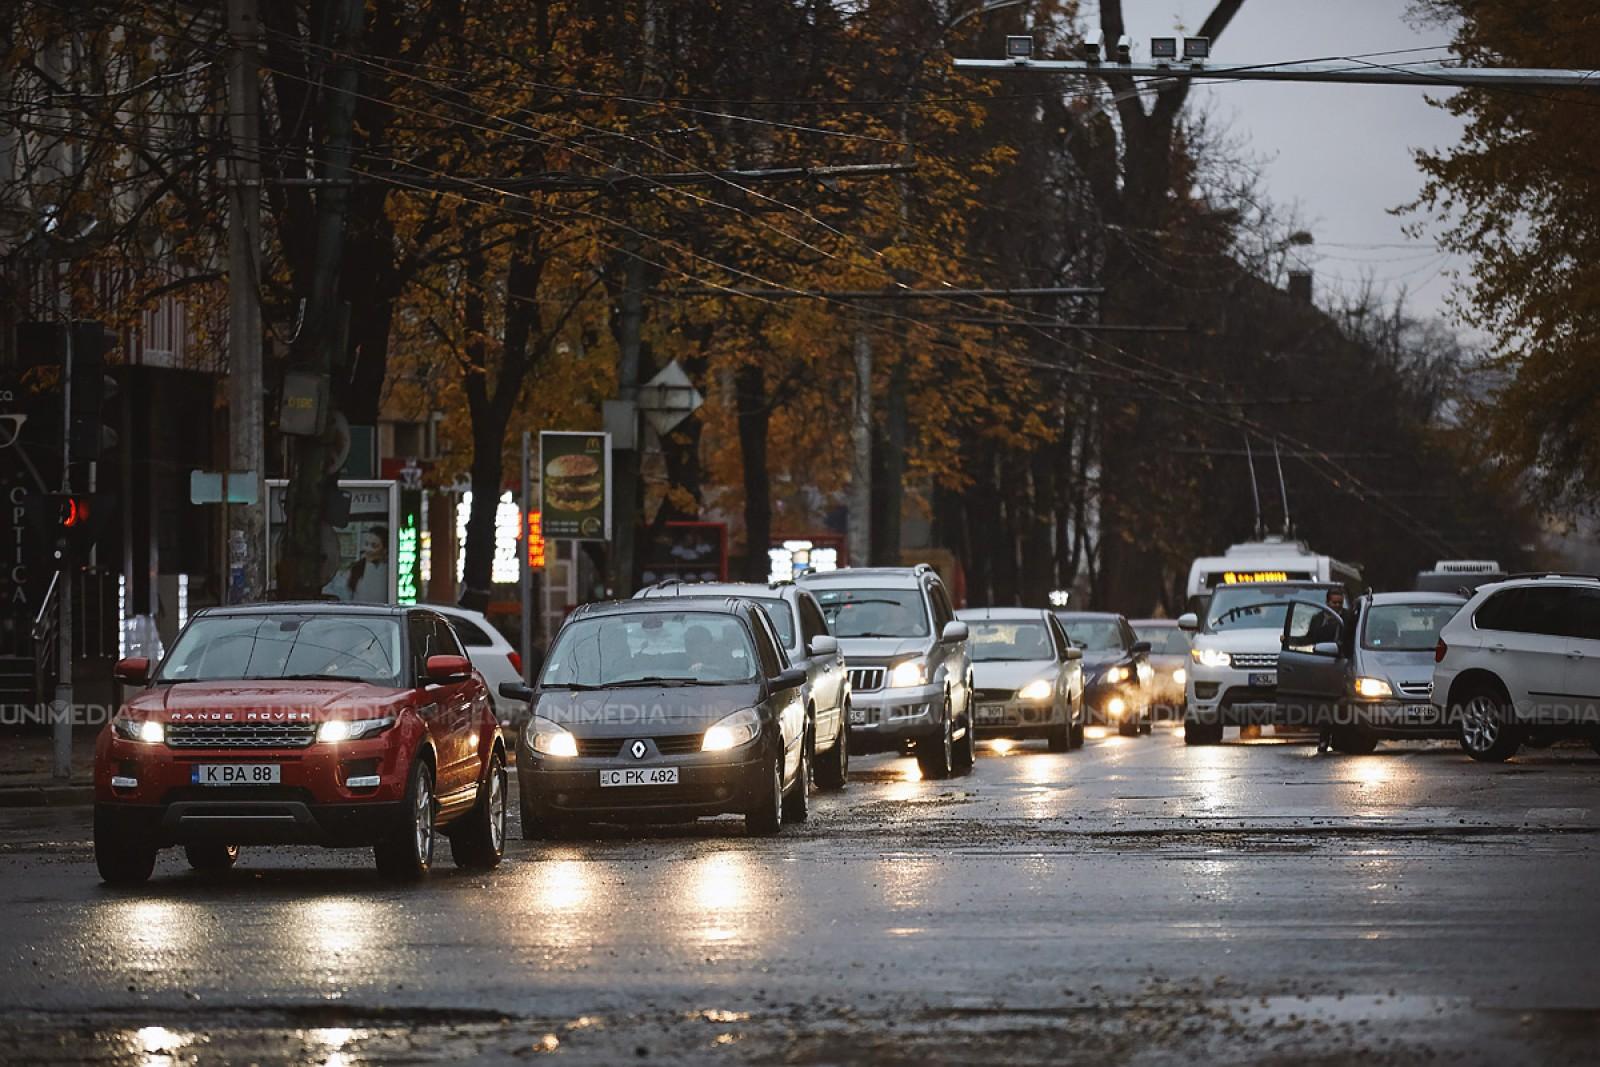 InfoTrafic: Străzile cu flux majorat de mașini și echipaje mobile de tip Radar, la această oră